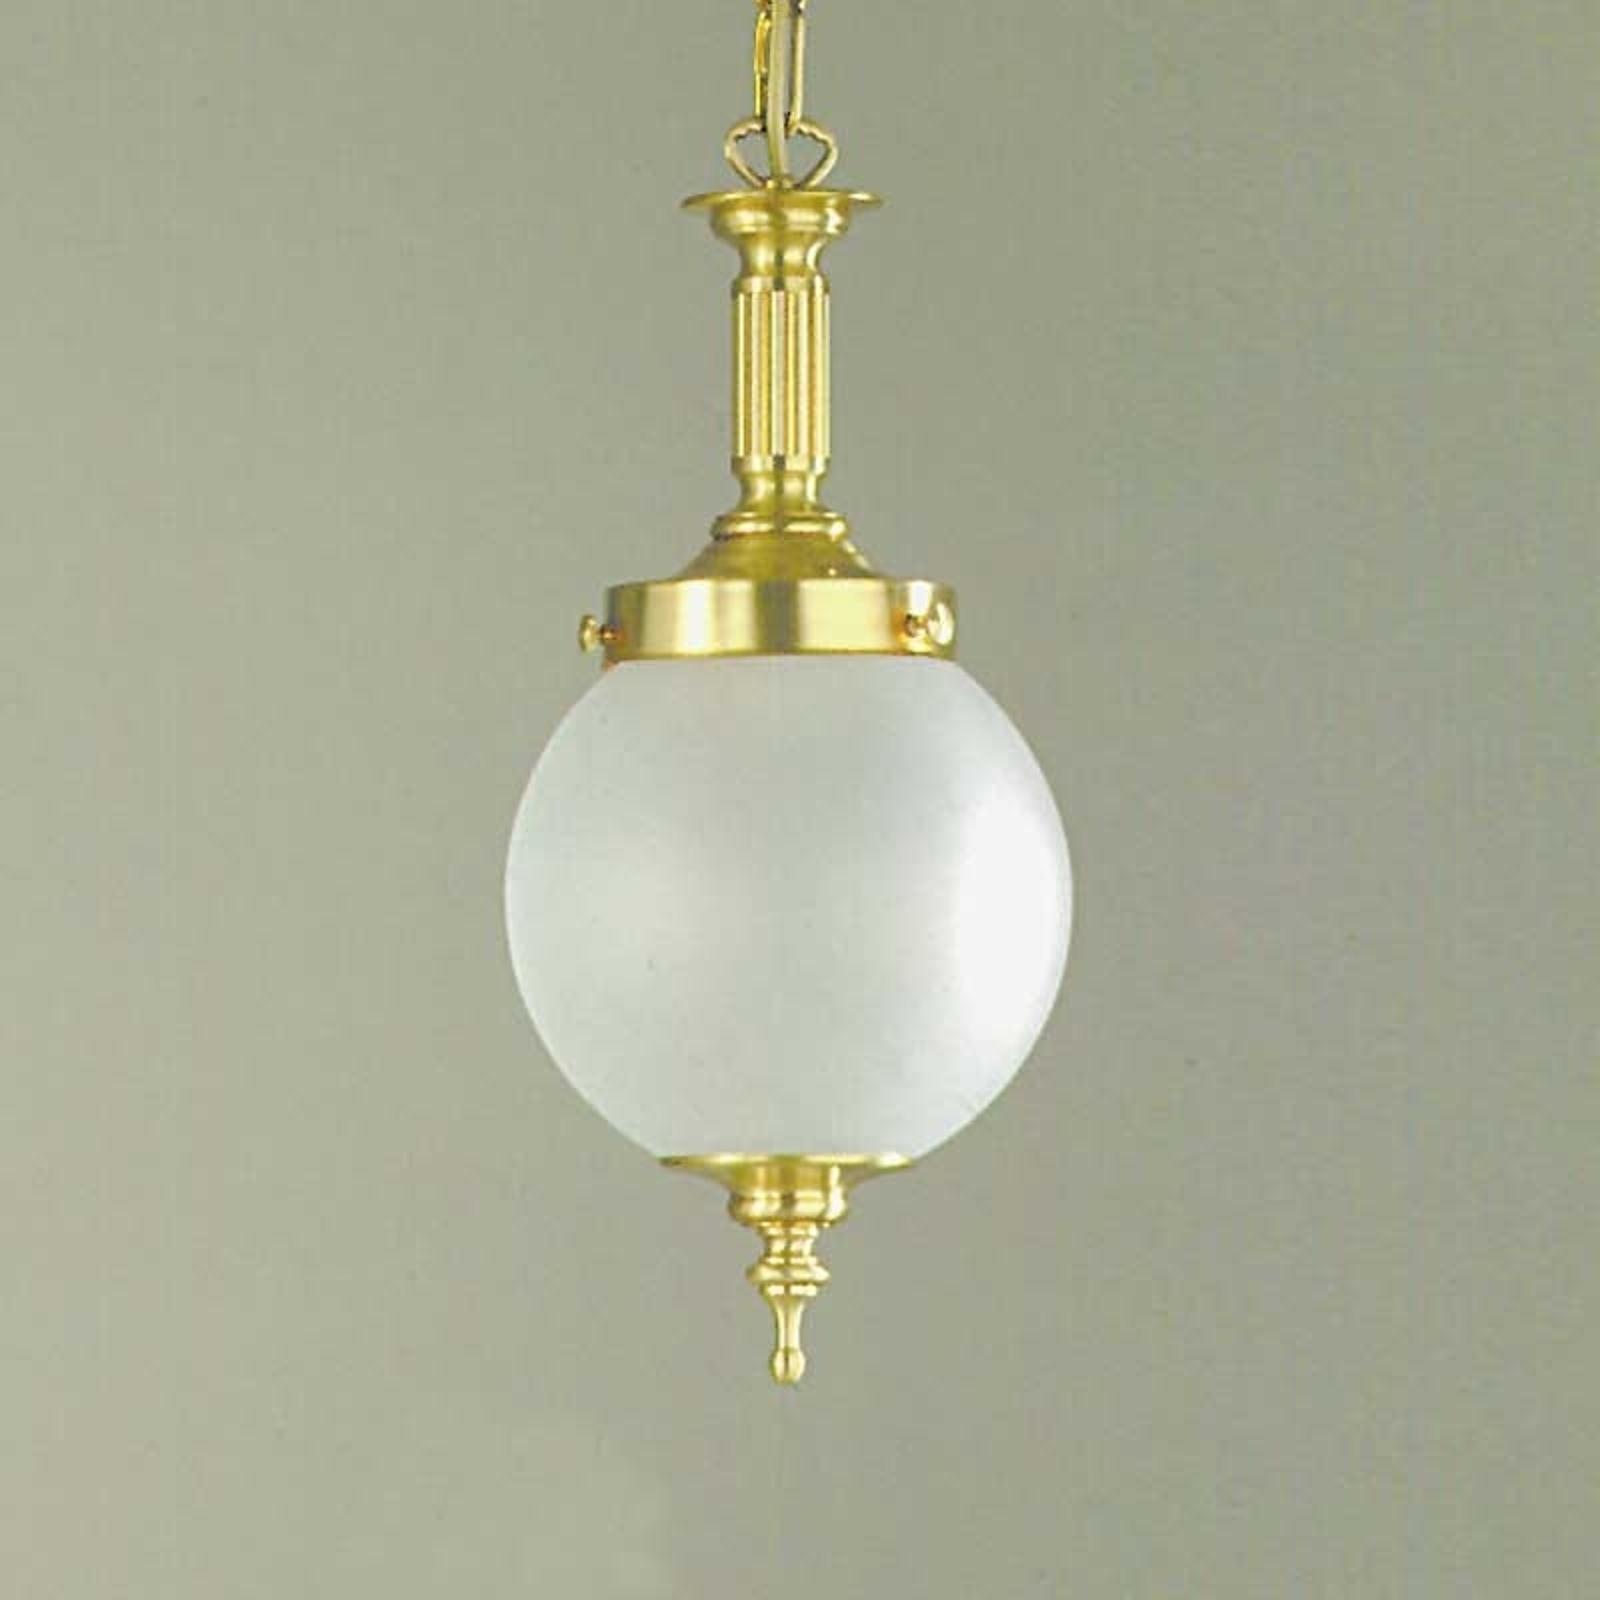 Lampa wisząca OBJEKT, brąz śr. 20 cm